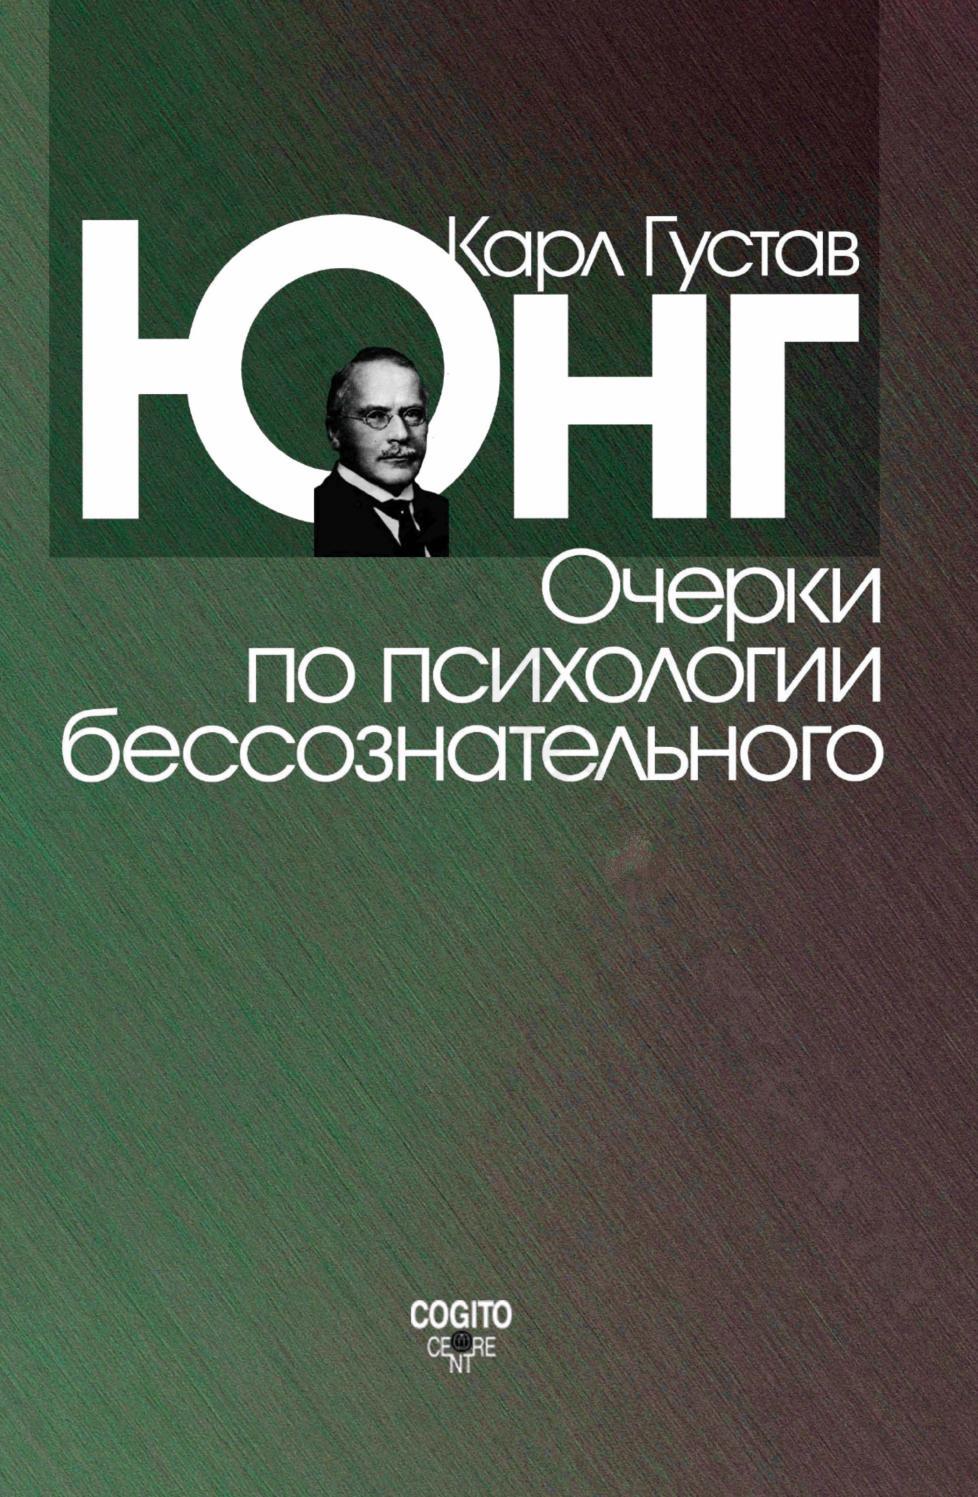 КАРЛ ГУСТАВ ЮНГ КНИГИ СКАЧАТЬ БЕСПЛАТНО